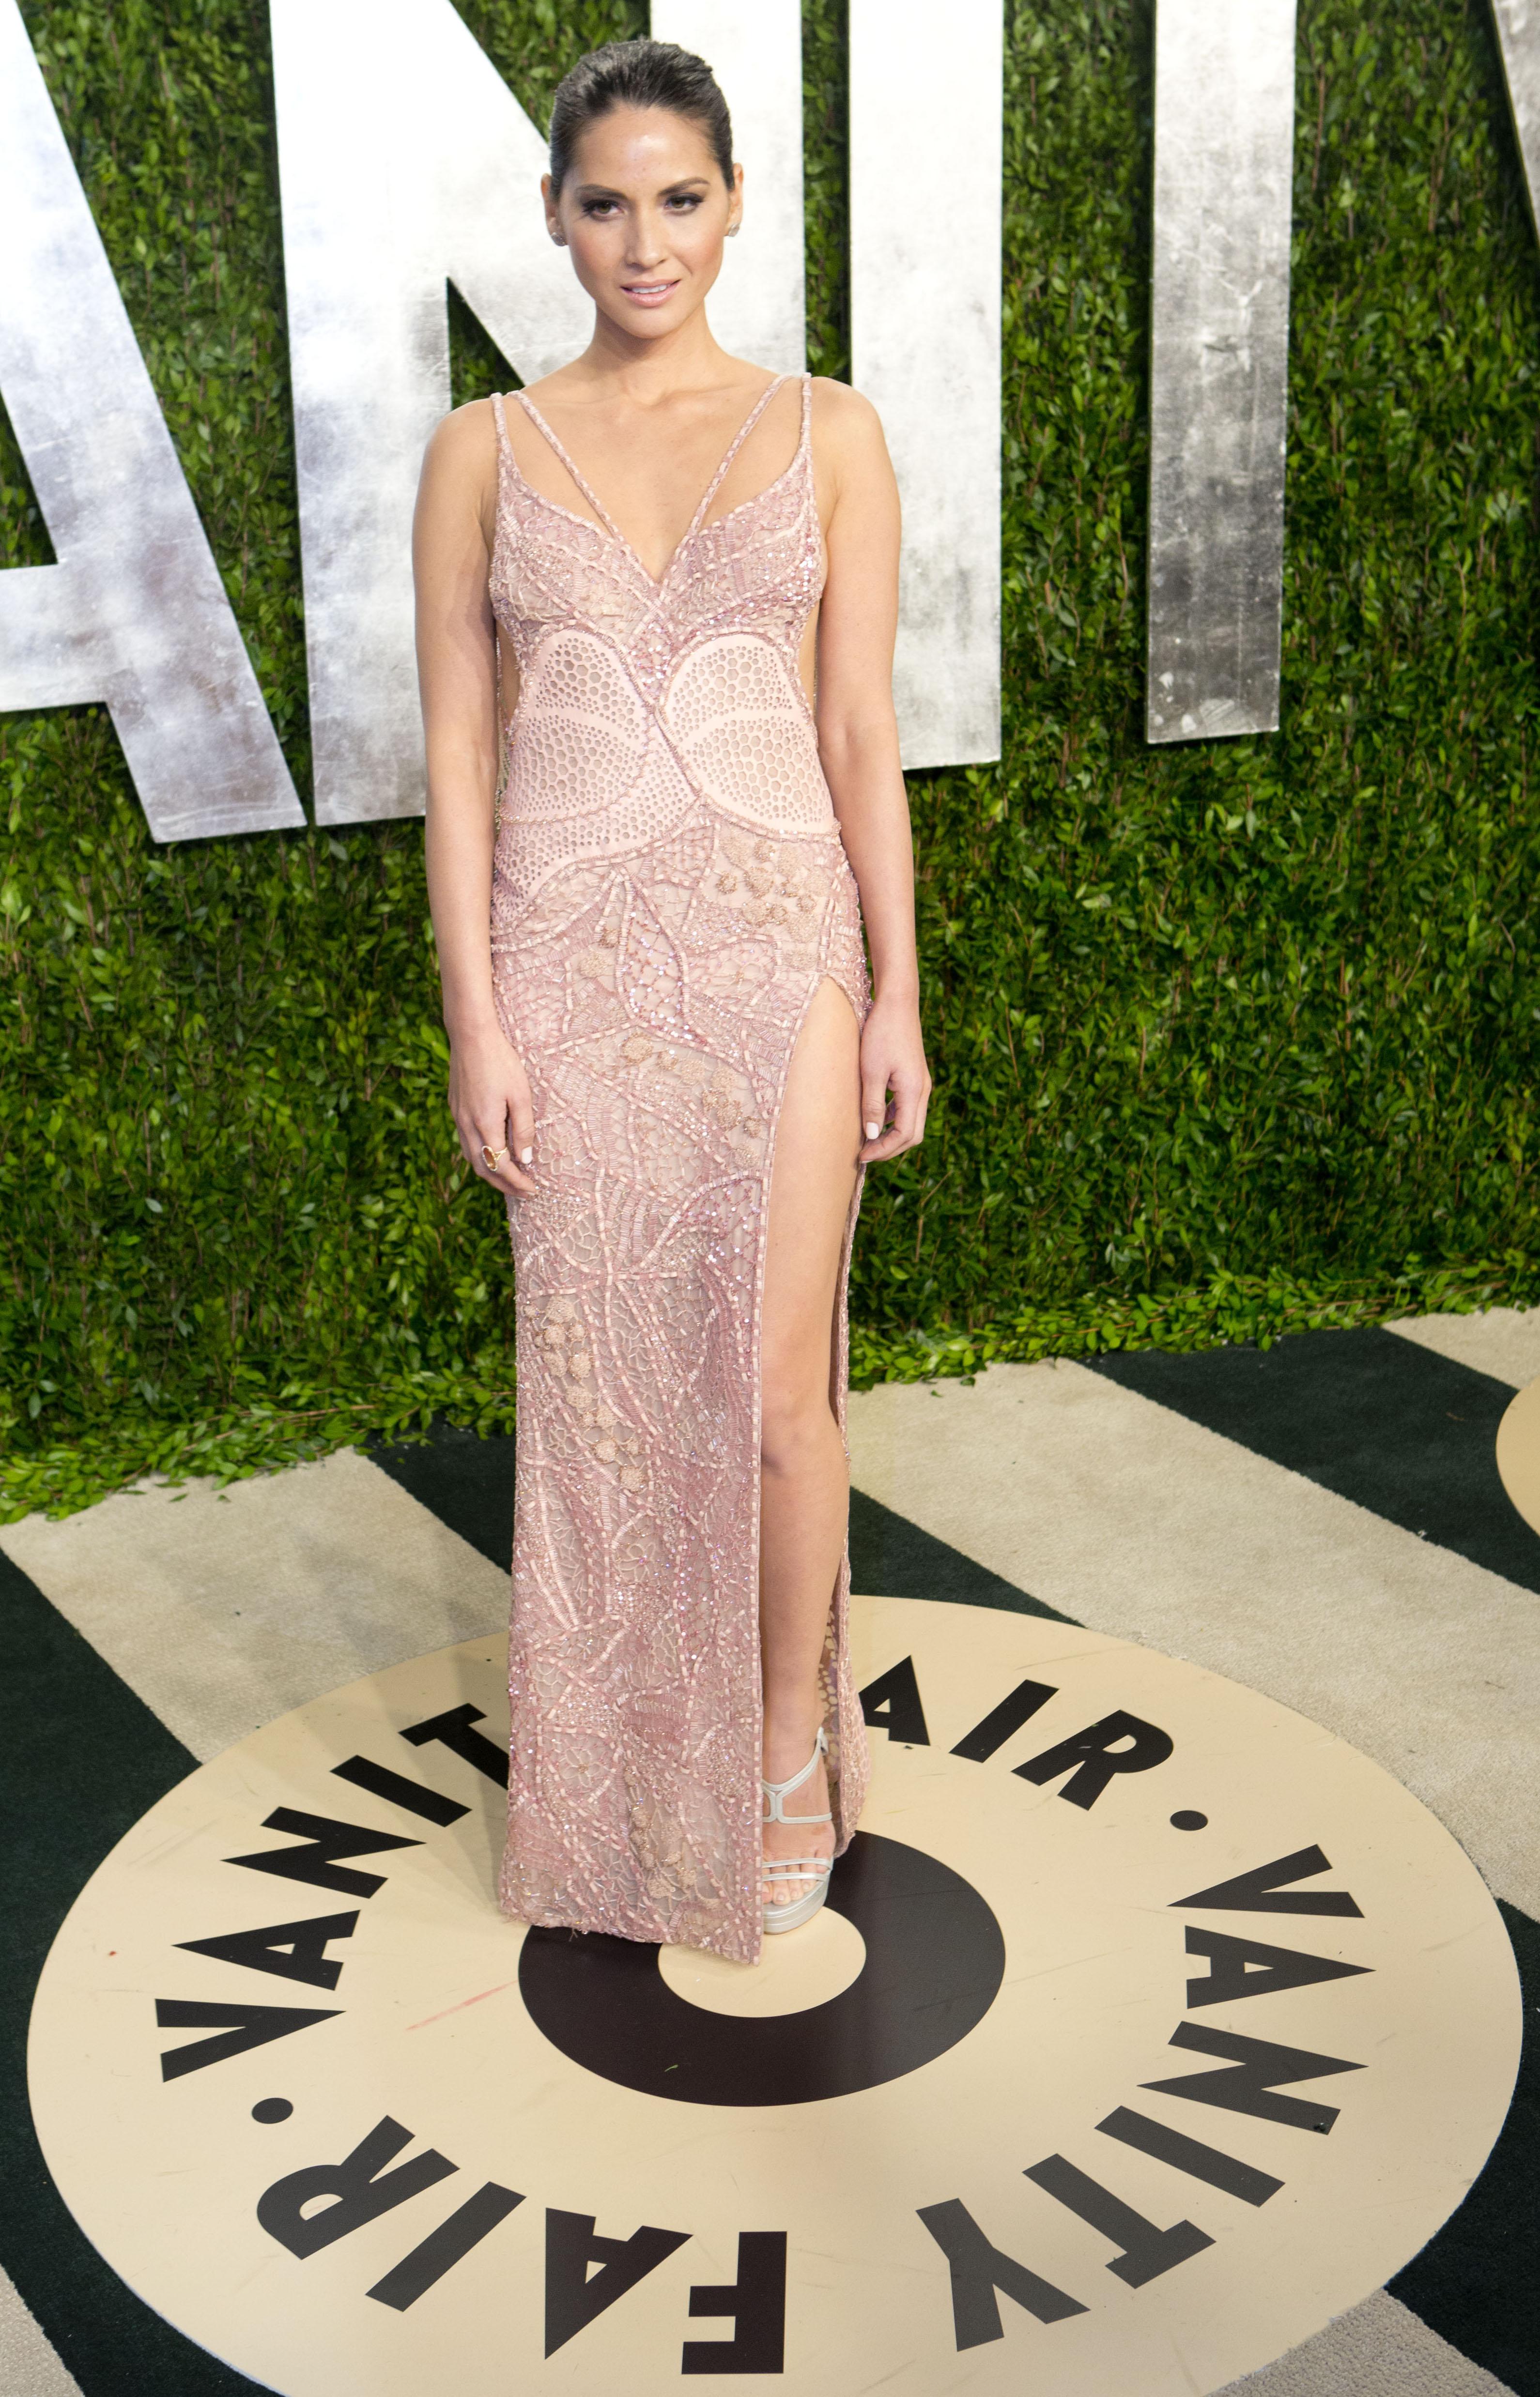 Olivia Munn arrived at the Vanity Fair Oscar party.